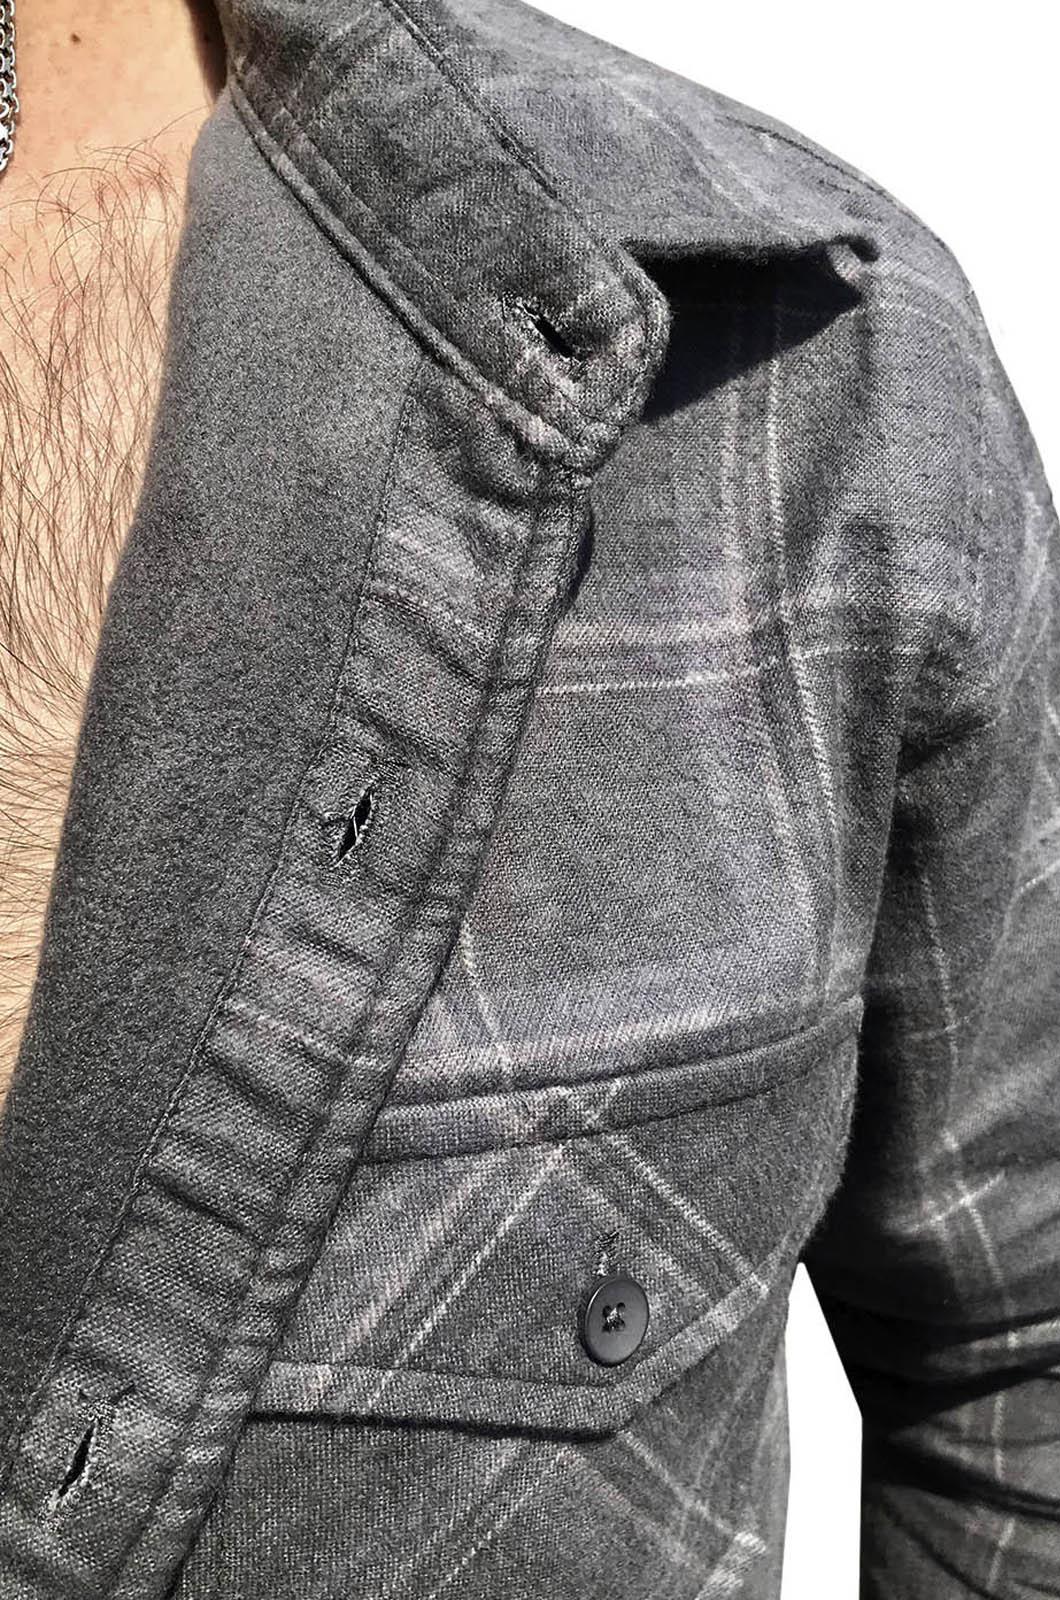 Строгая утепленная рубашка с нашивкой Саудовская Аравия - купить онлайн